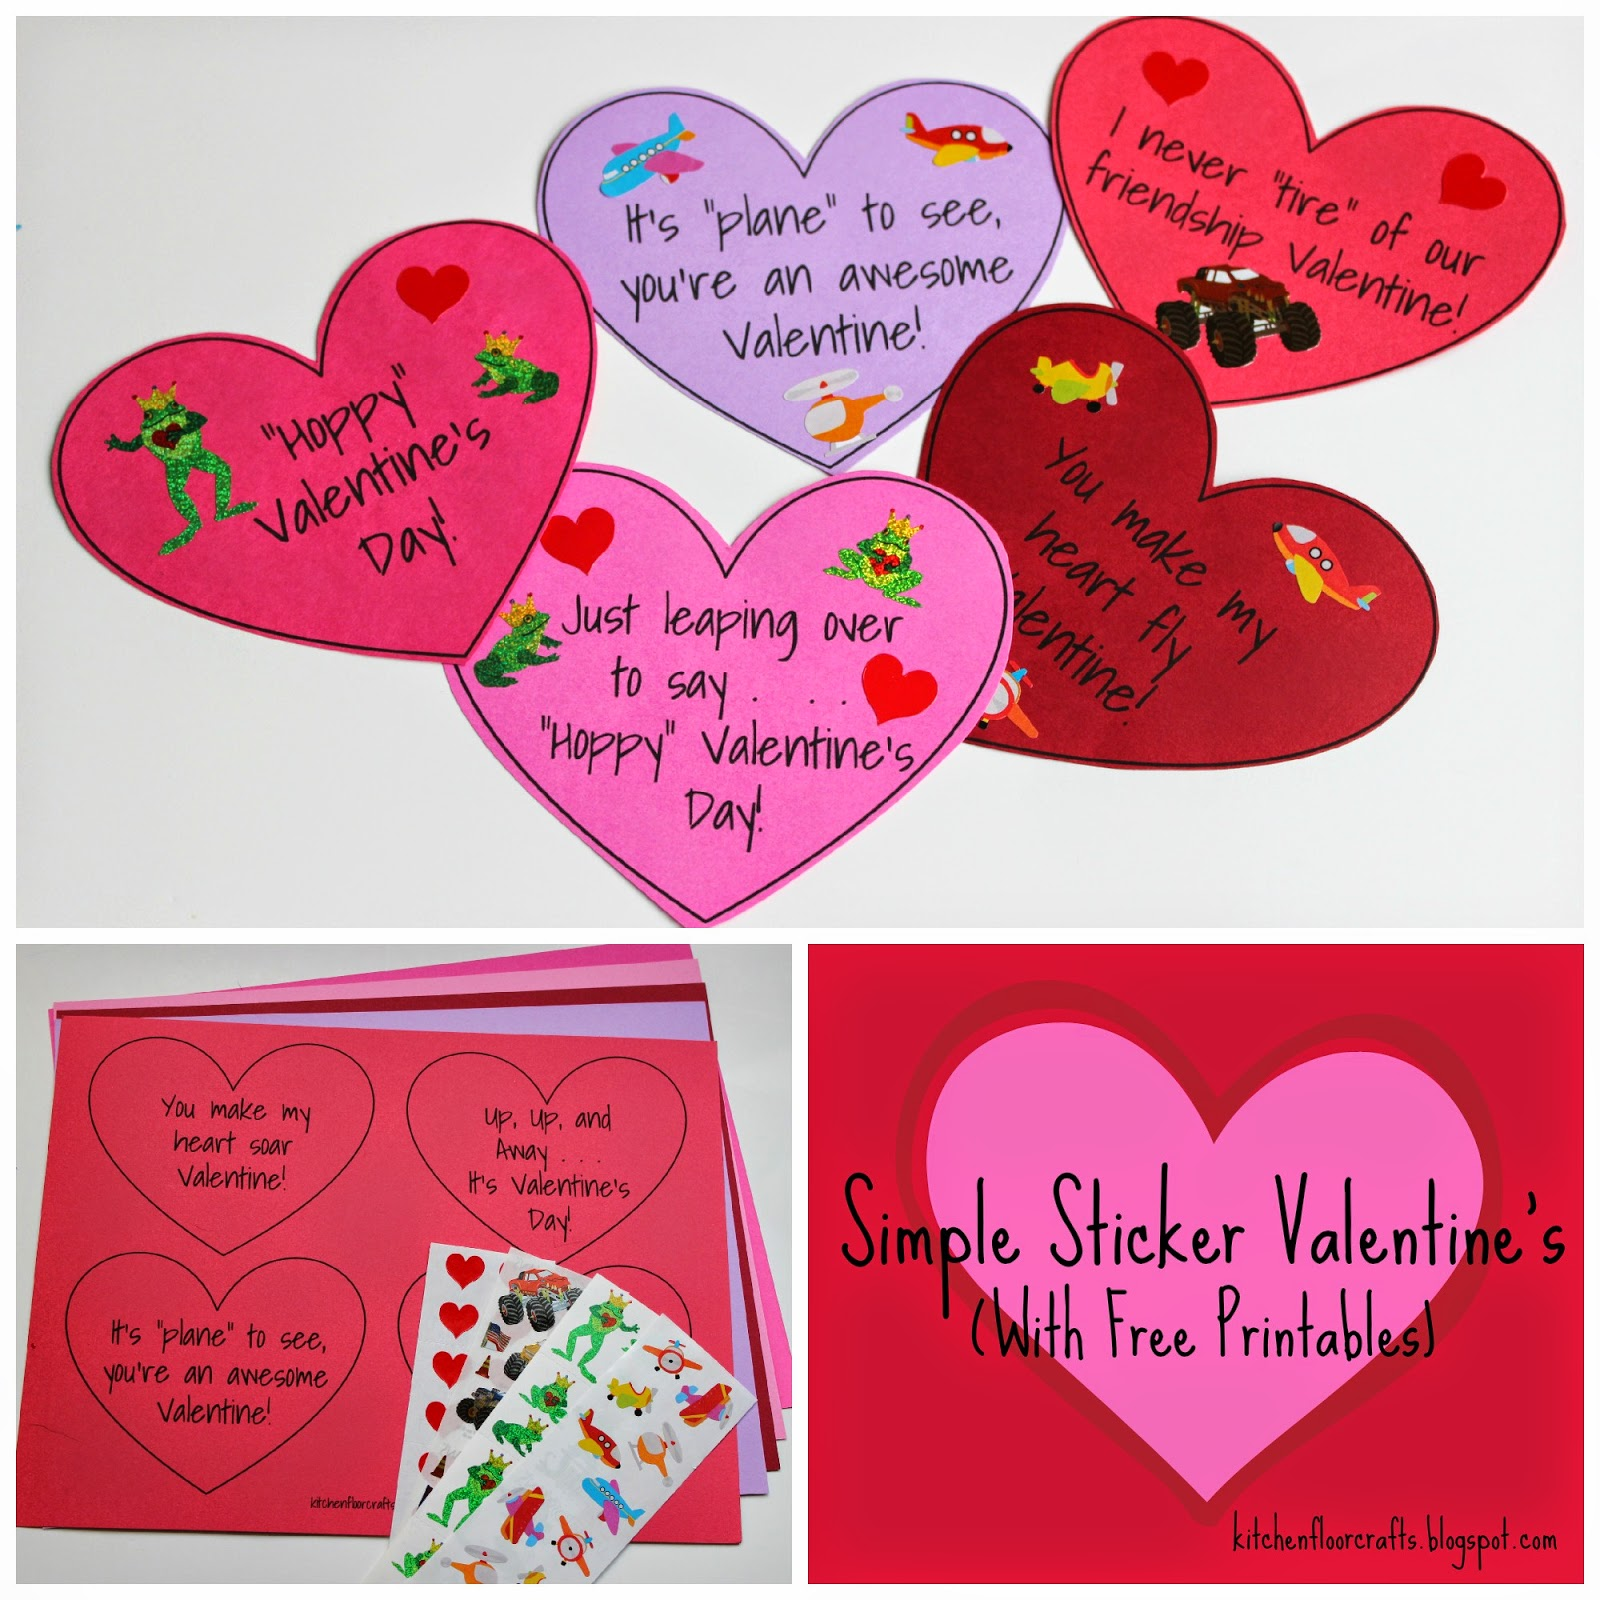 Kitchen Floor Crafts Simple Sticker Valentine S With Free Printables